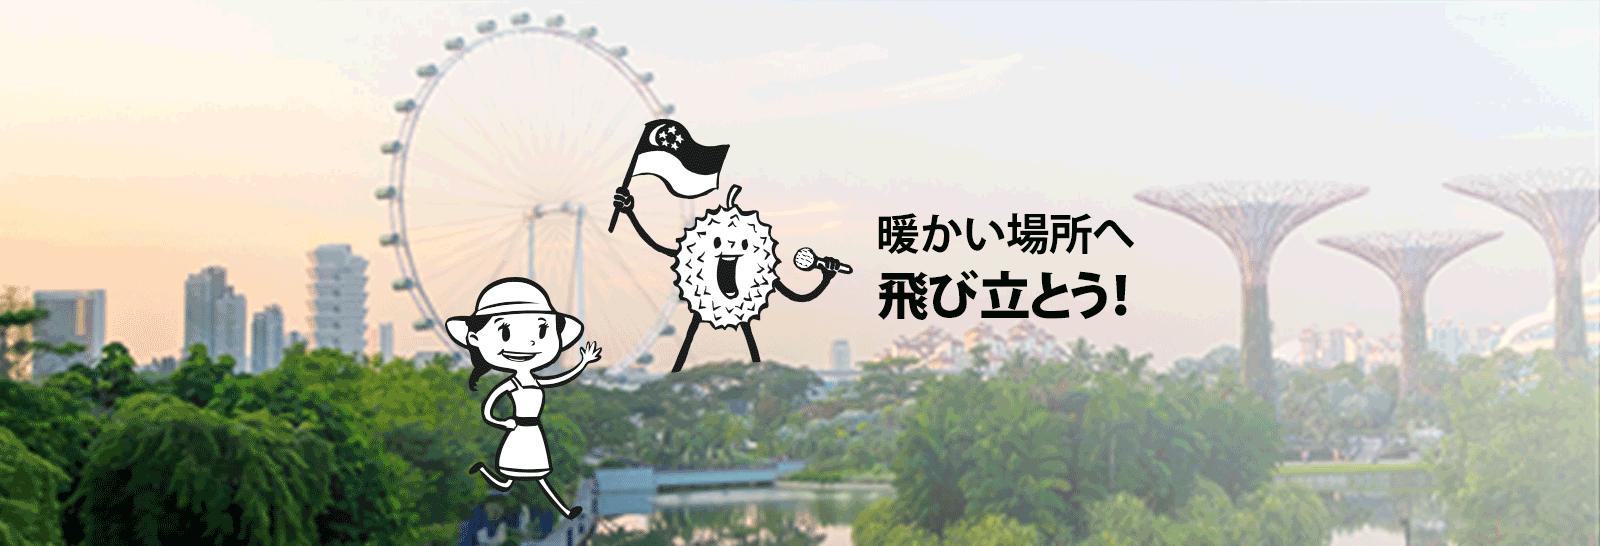 スクートの札幌⇔シンガポール線直行便就航記念セール